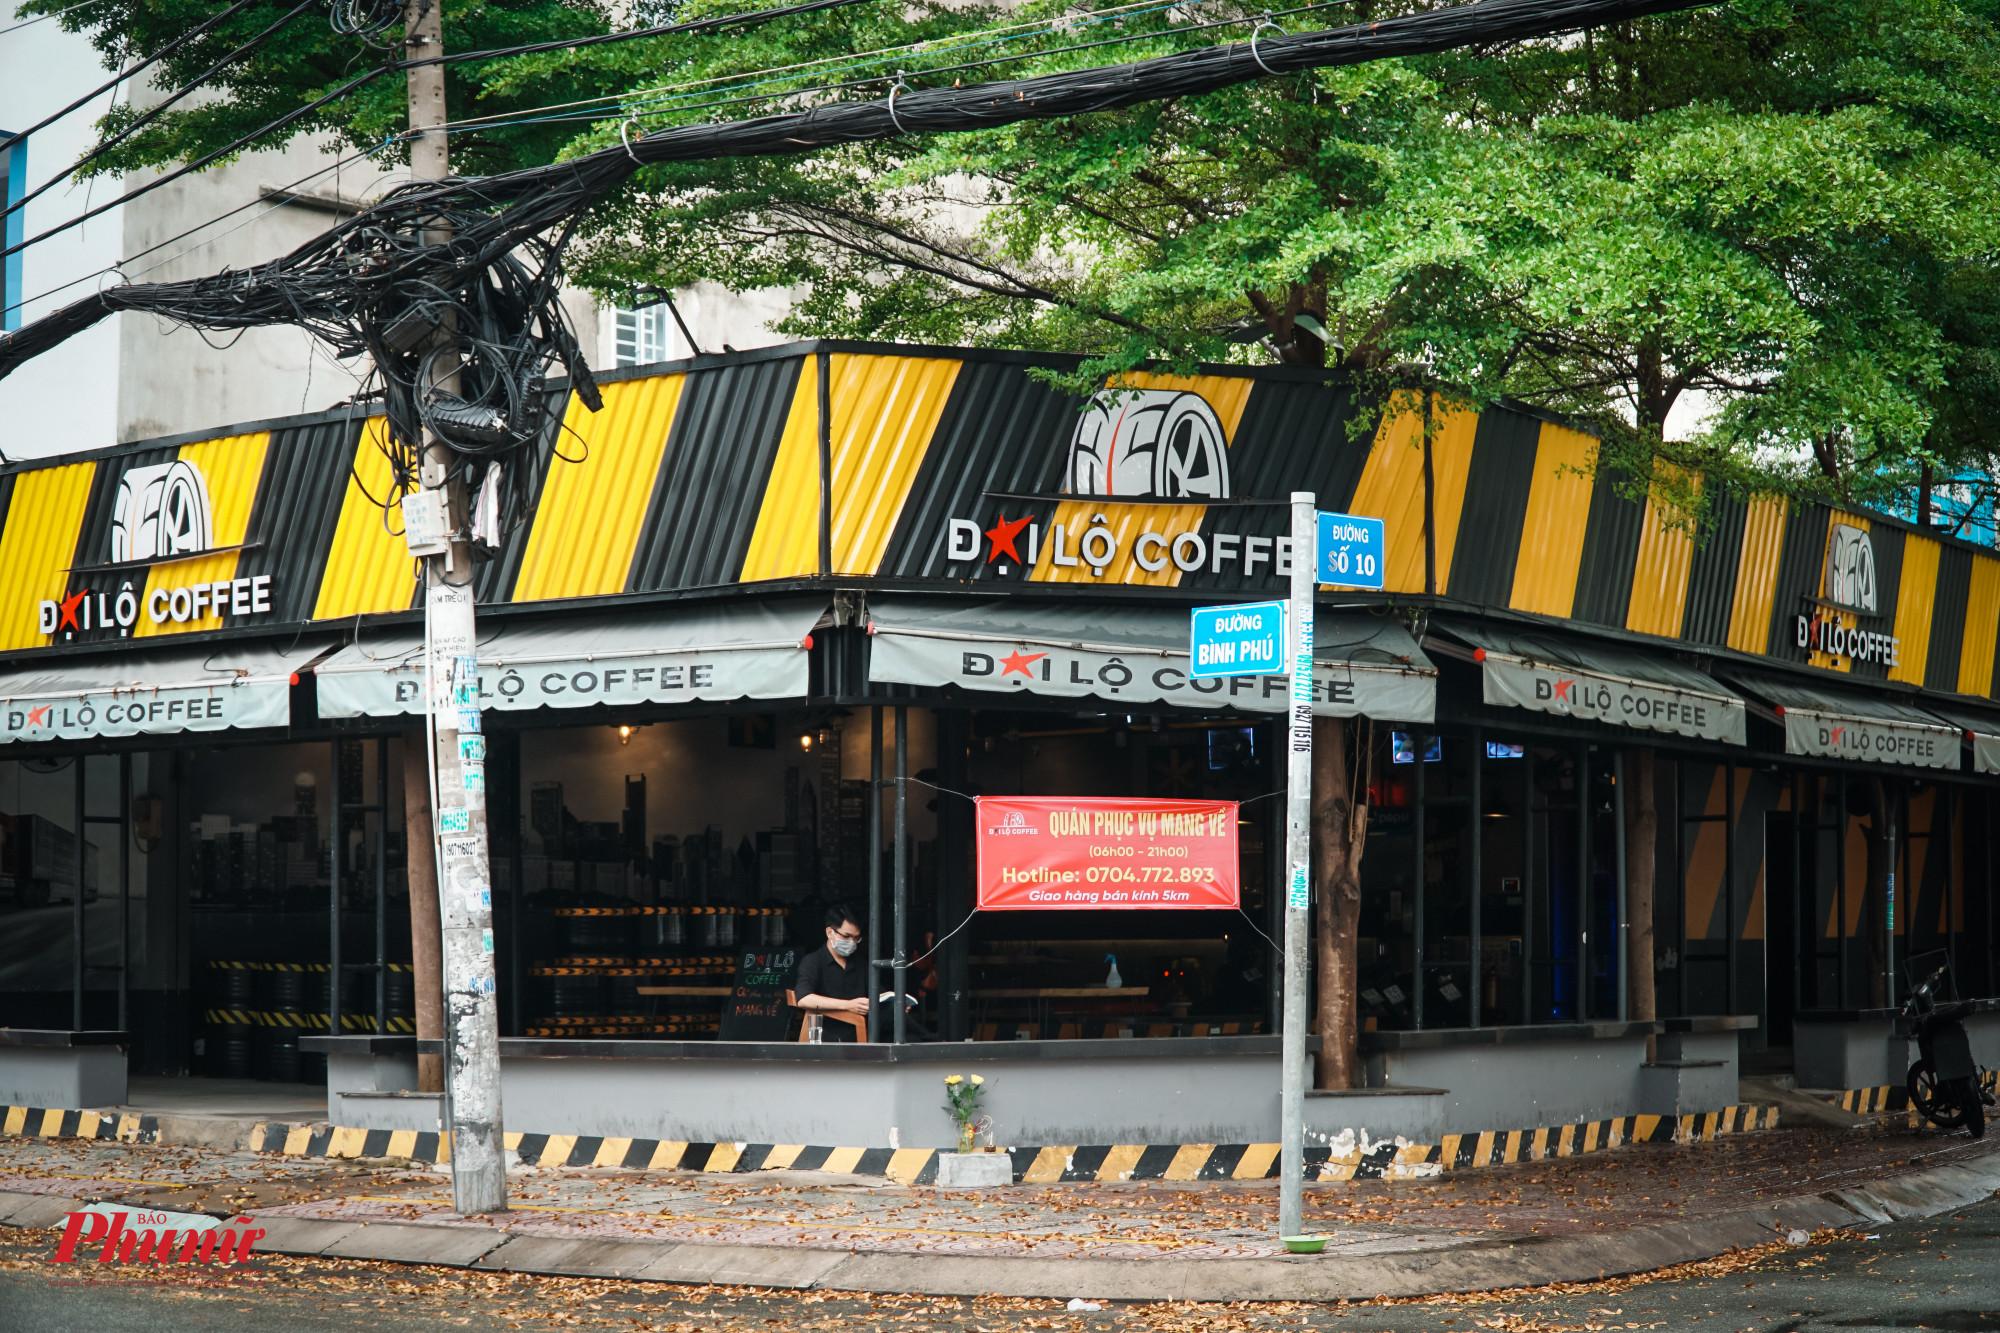 Để an toàn phòng chống dịch, nhiều quán cà phê đã chủ động đóng cửa chỉ bán mang về